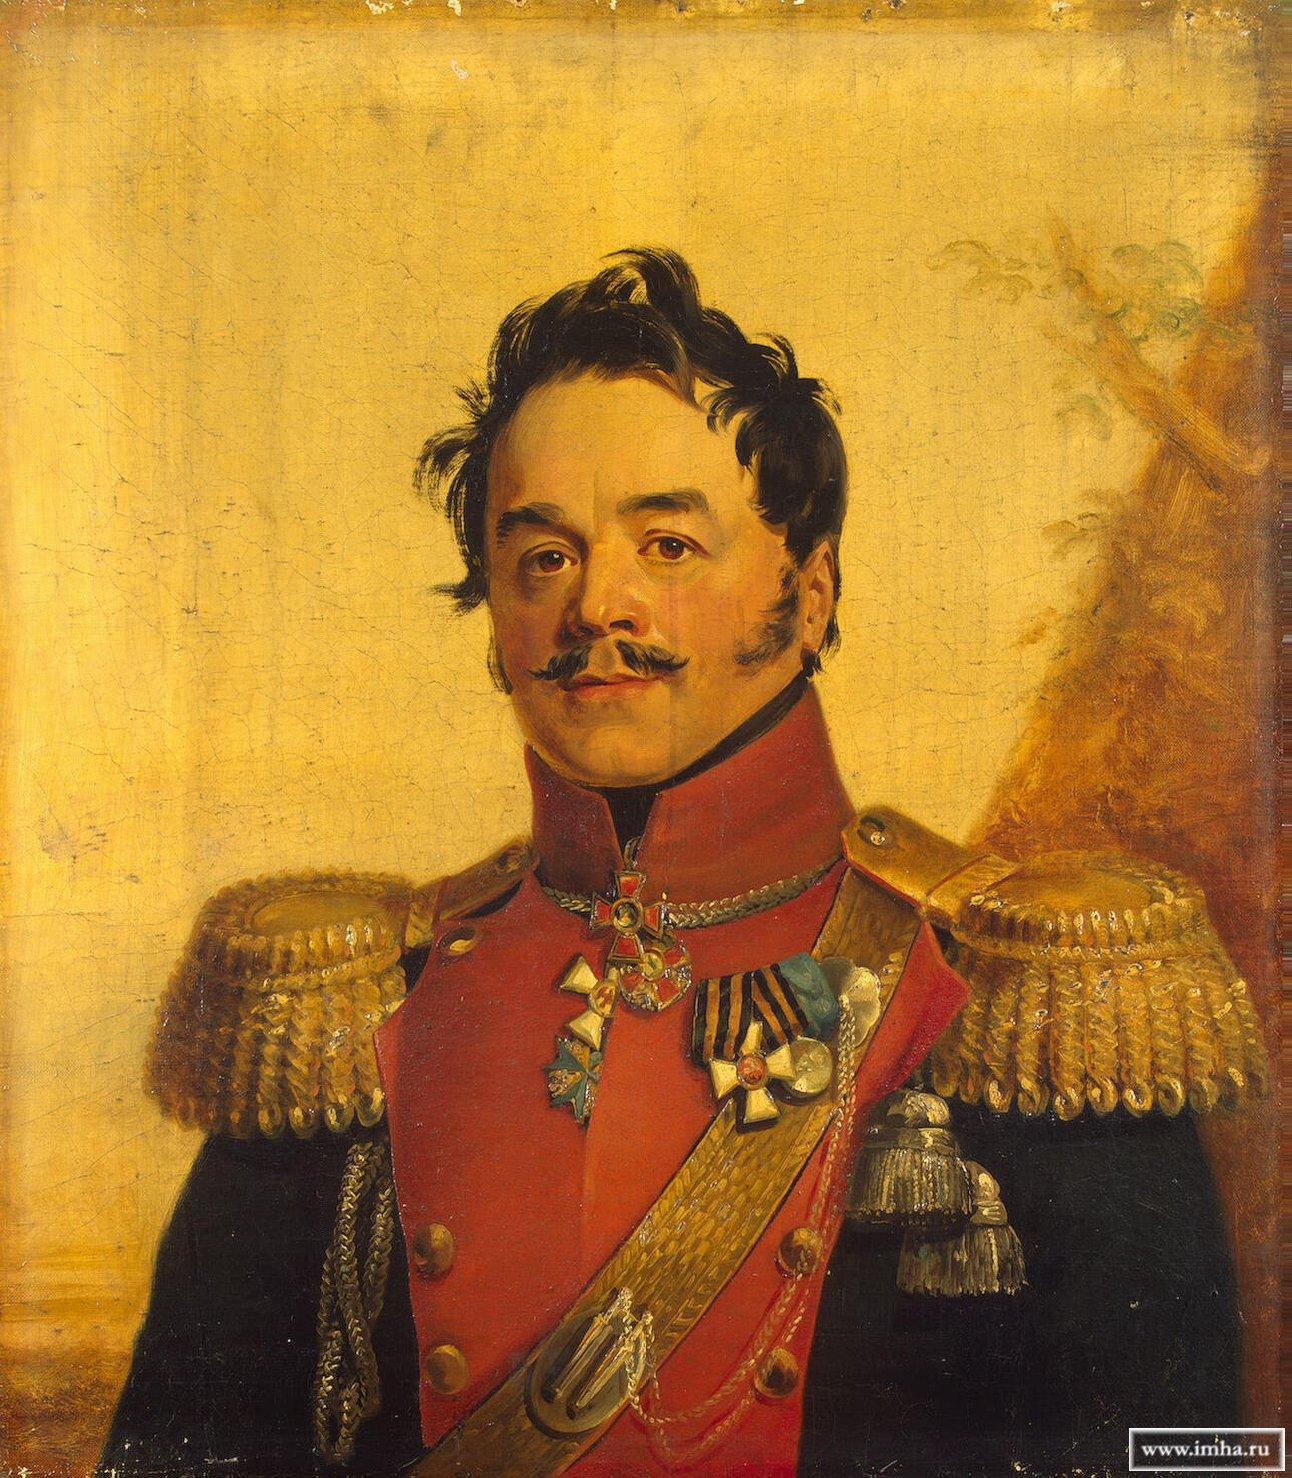 кн. ЩЕРБАТОВ (Щербатов 2-й) Николай Григорьевич, князь, генерал-майор. Г. Доу. ГЭ.